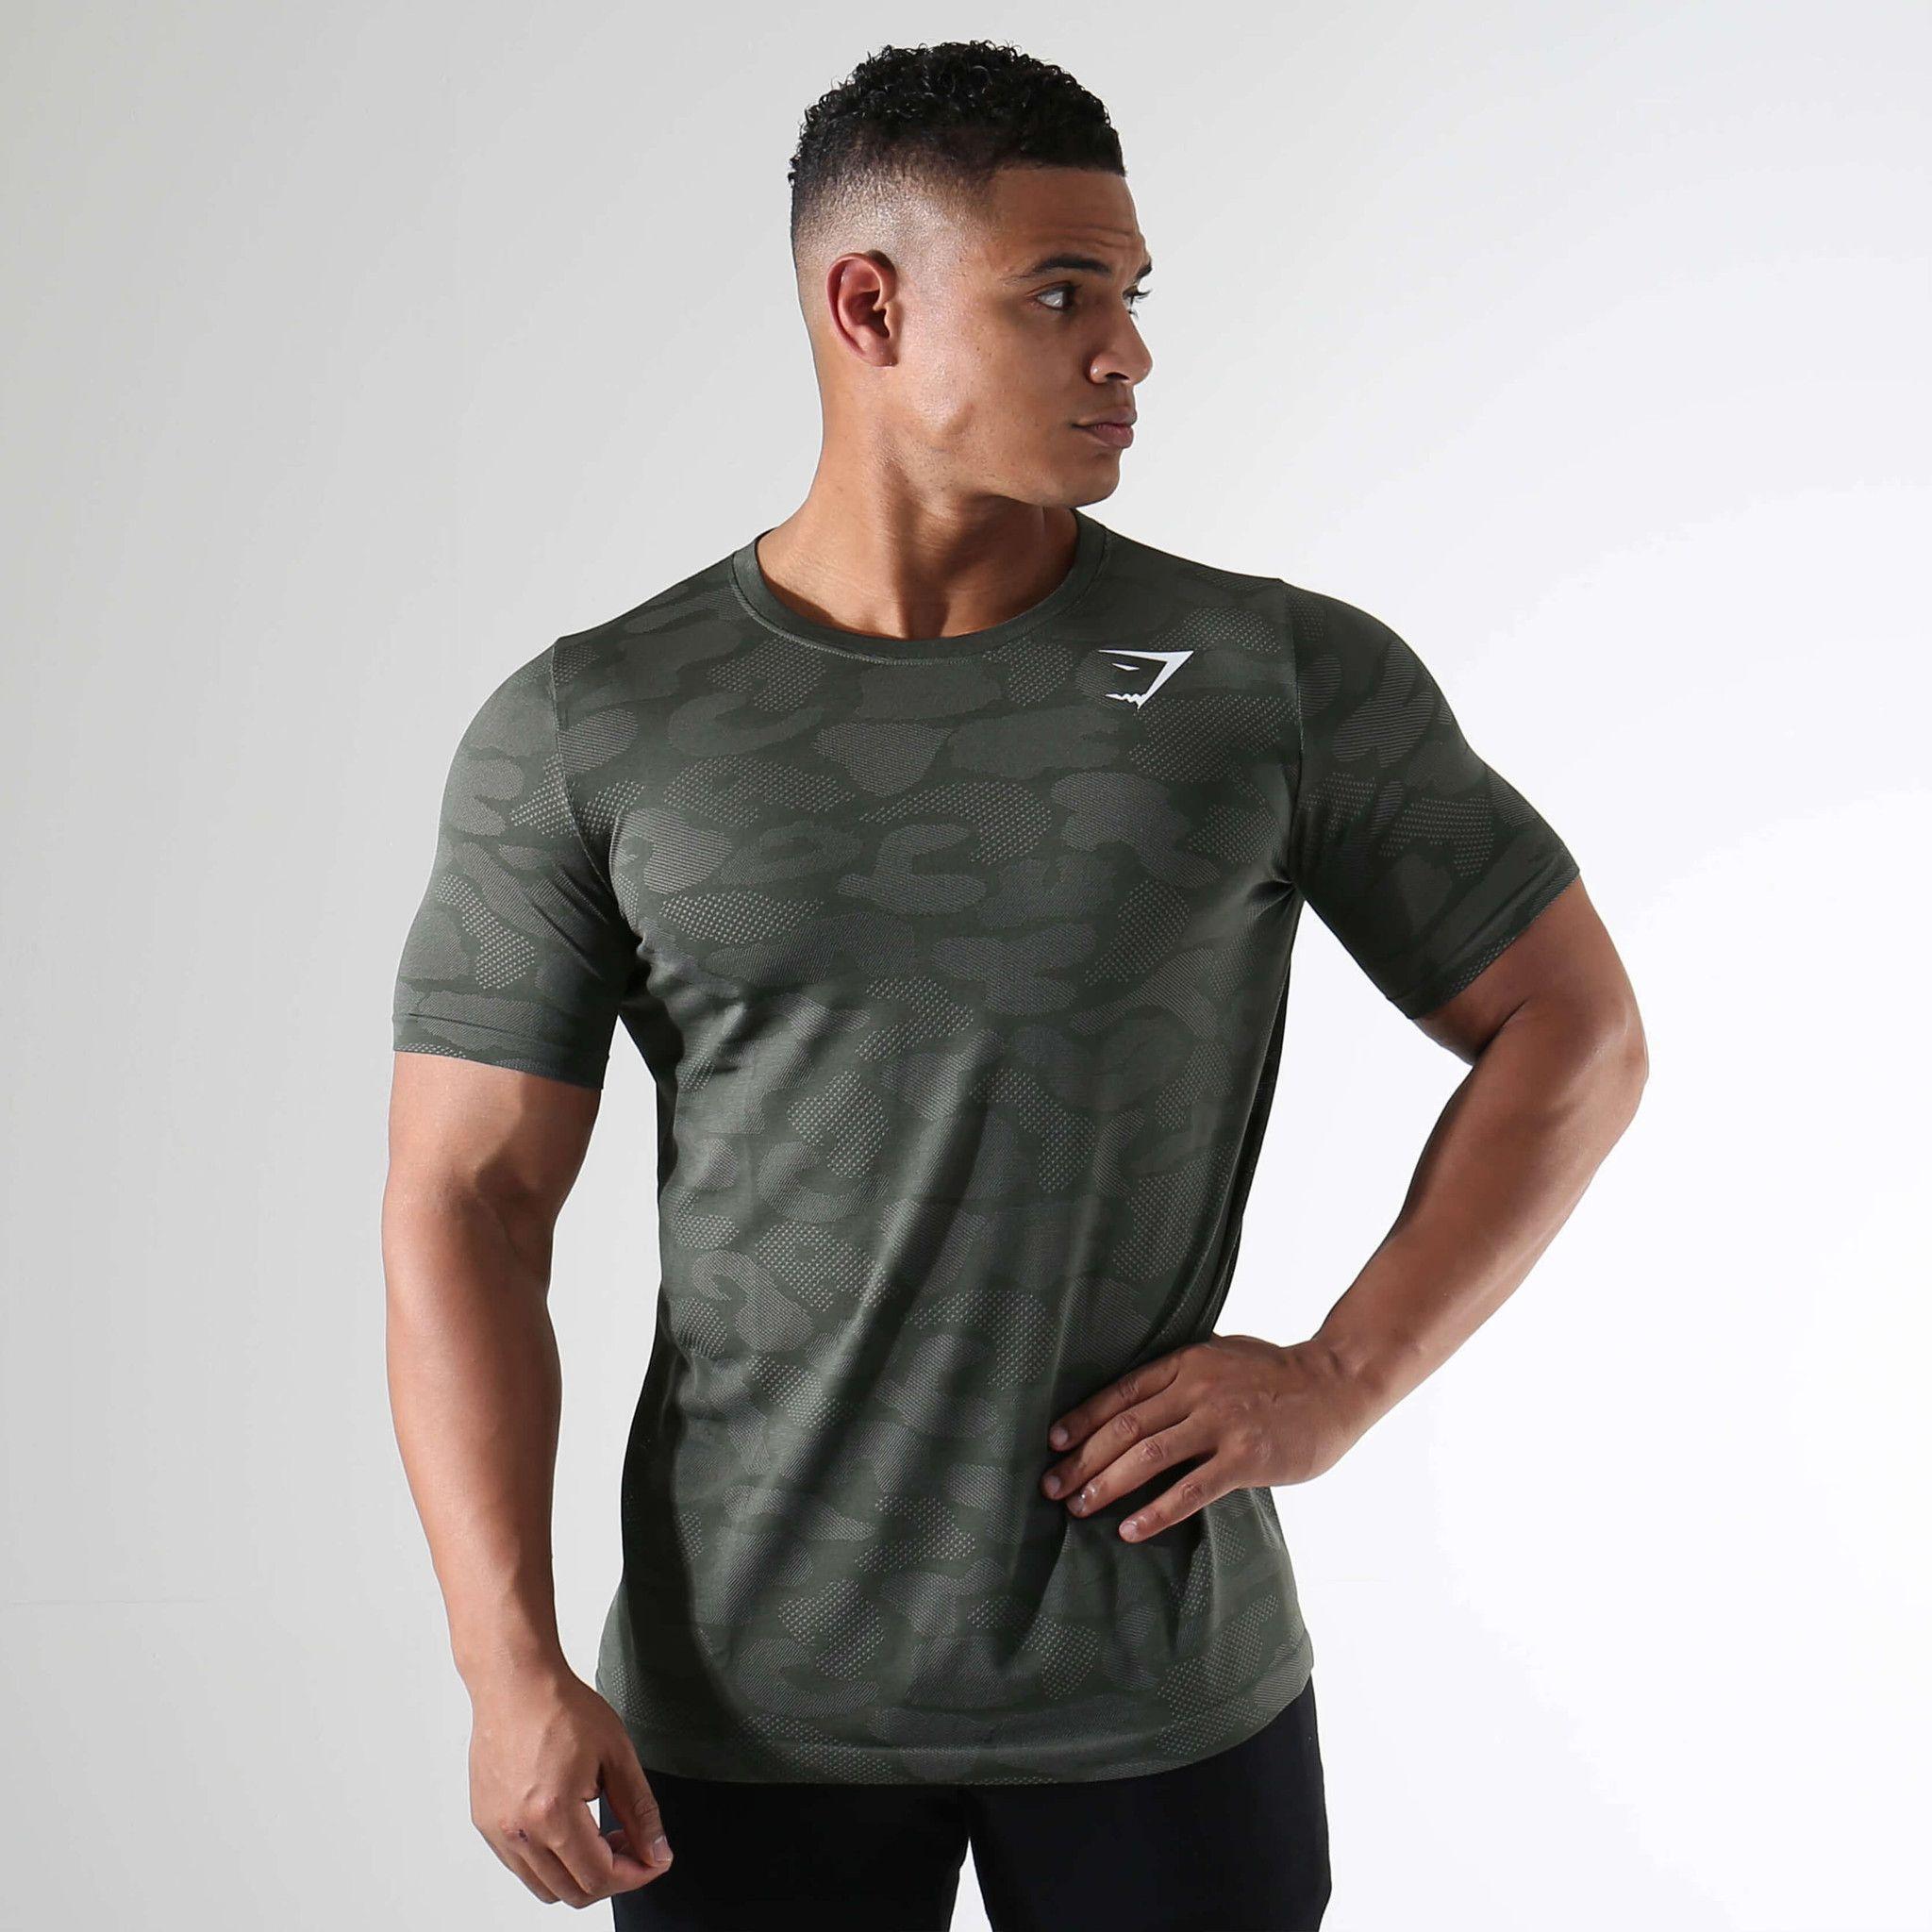 7e08a4457fb30 Gymshark Seamless Stealth T-Shirt - Alpine Green